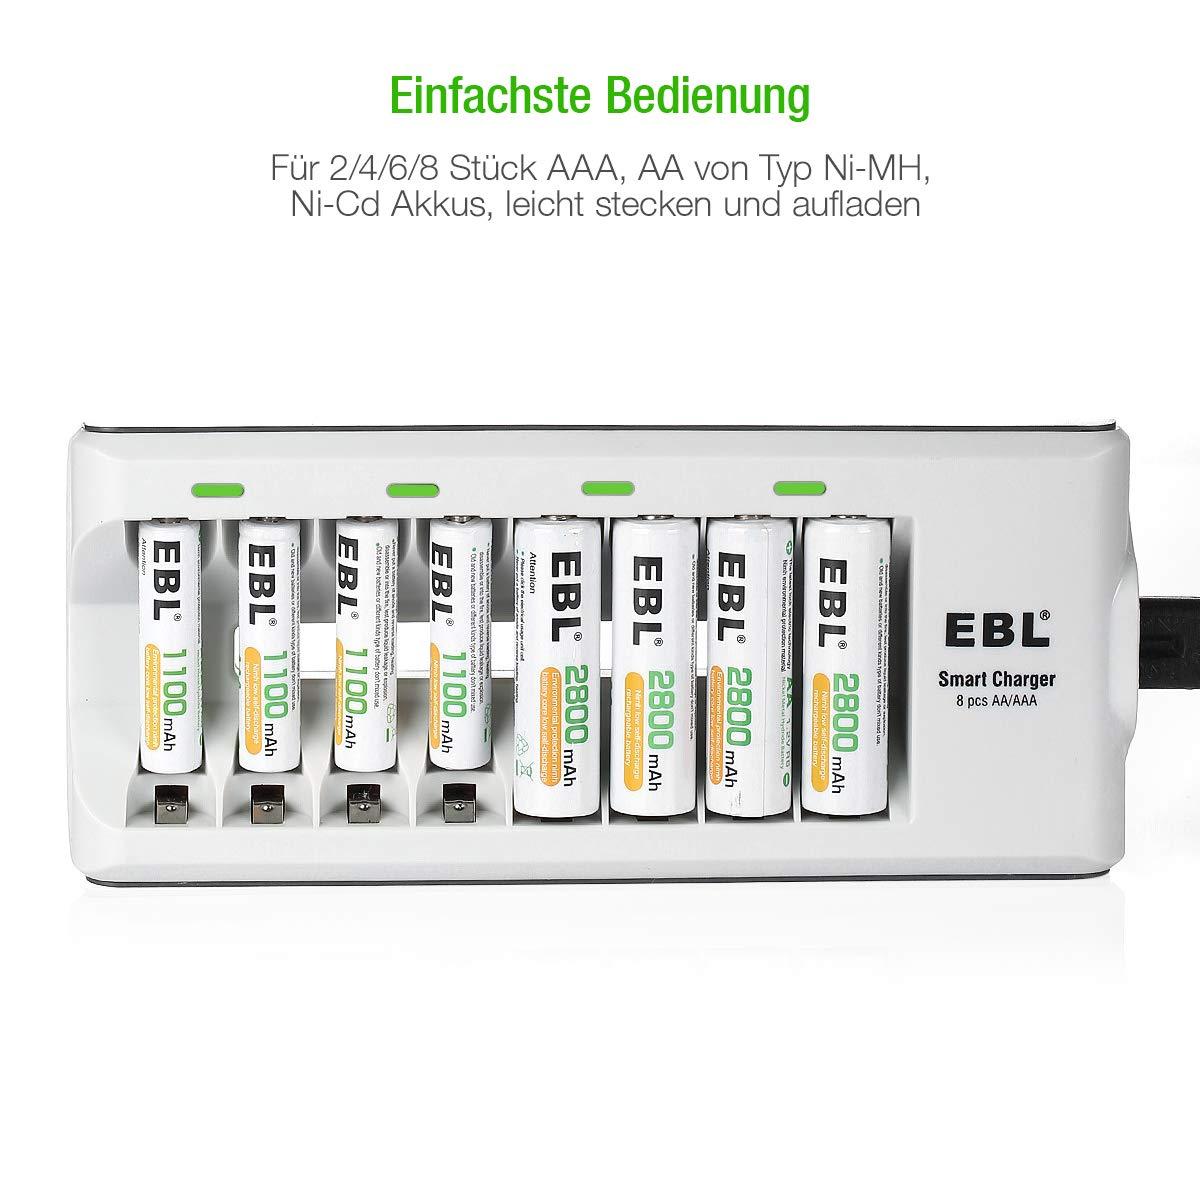 EBL AA Akkuladegerät Sets inkl. 8-Fach Batterieladegerät für AA AAA NI-MH NI-CD Akkus und 8 Stück AA NI-MH Wiederaufladbare Batterien